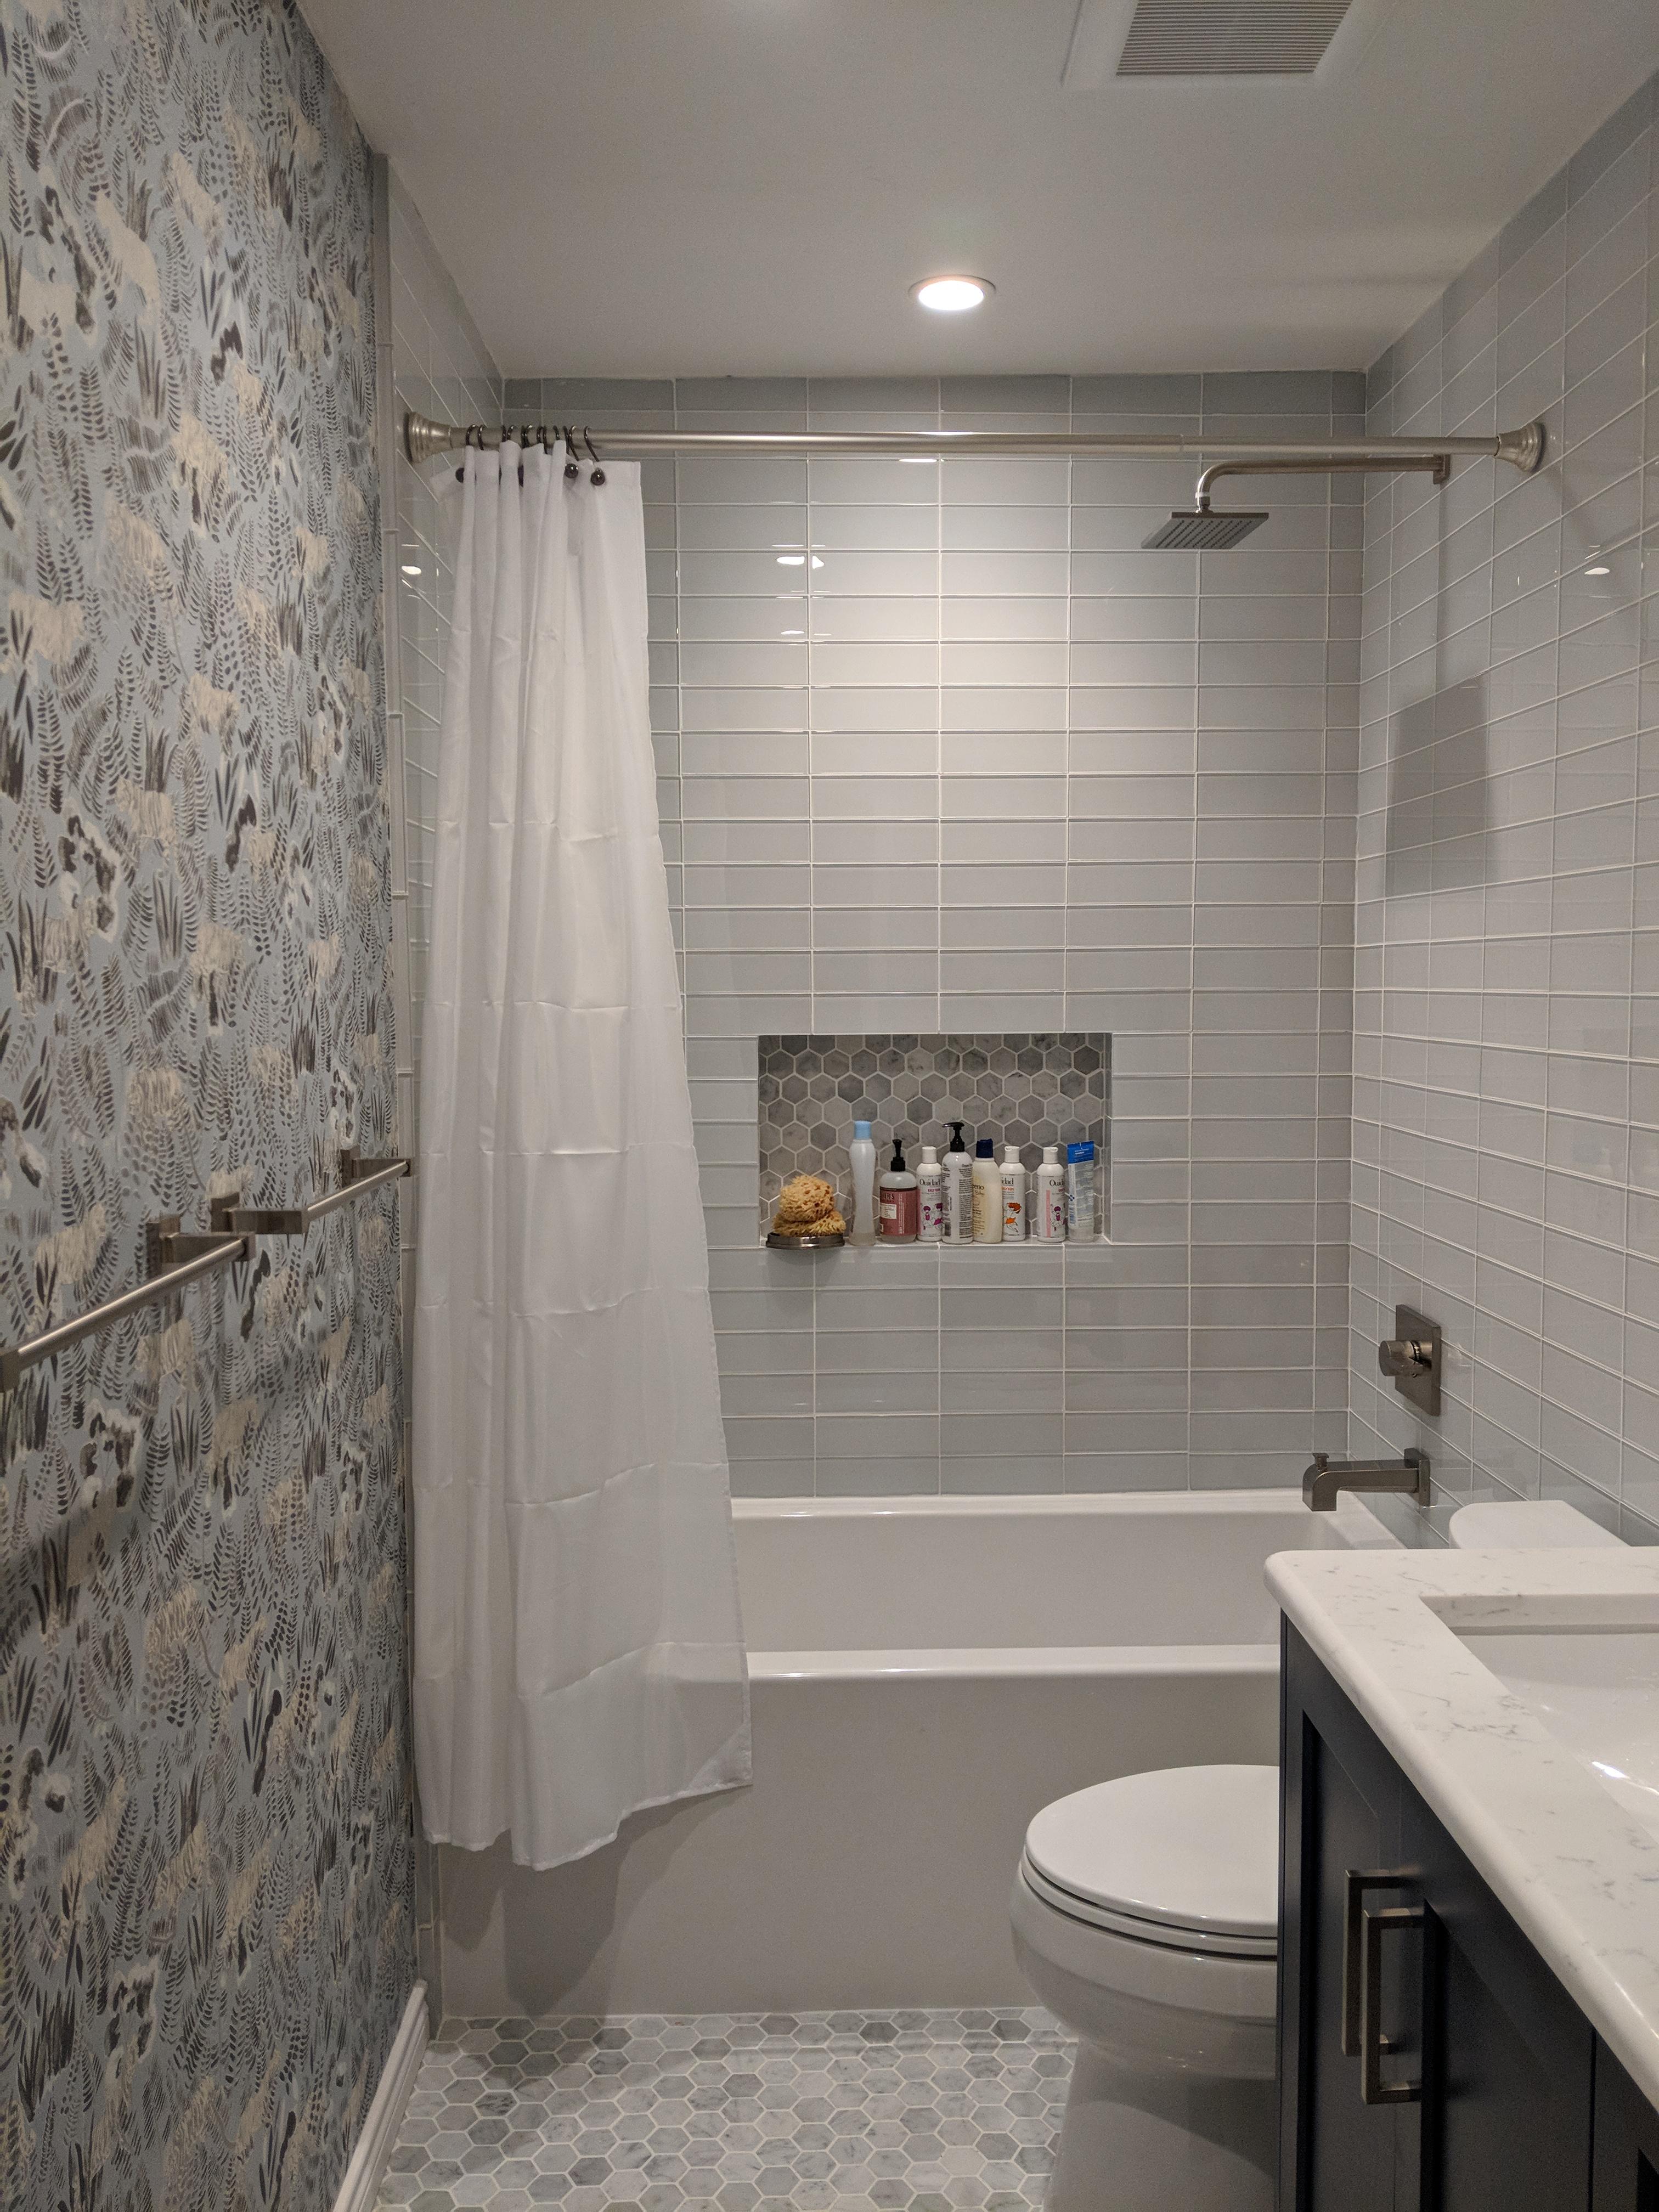 Meandering Guest Bathroom